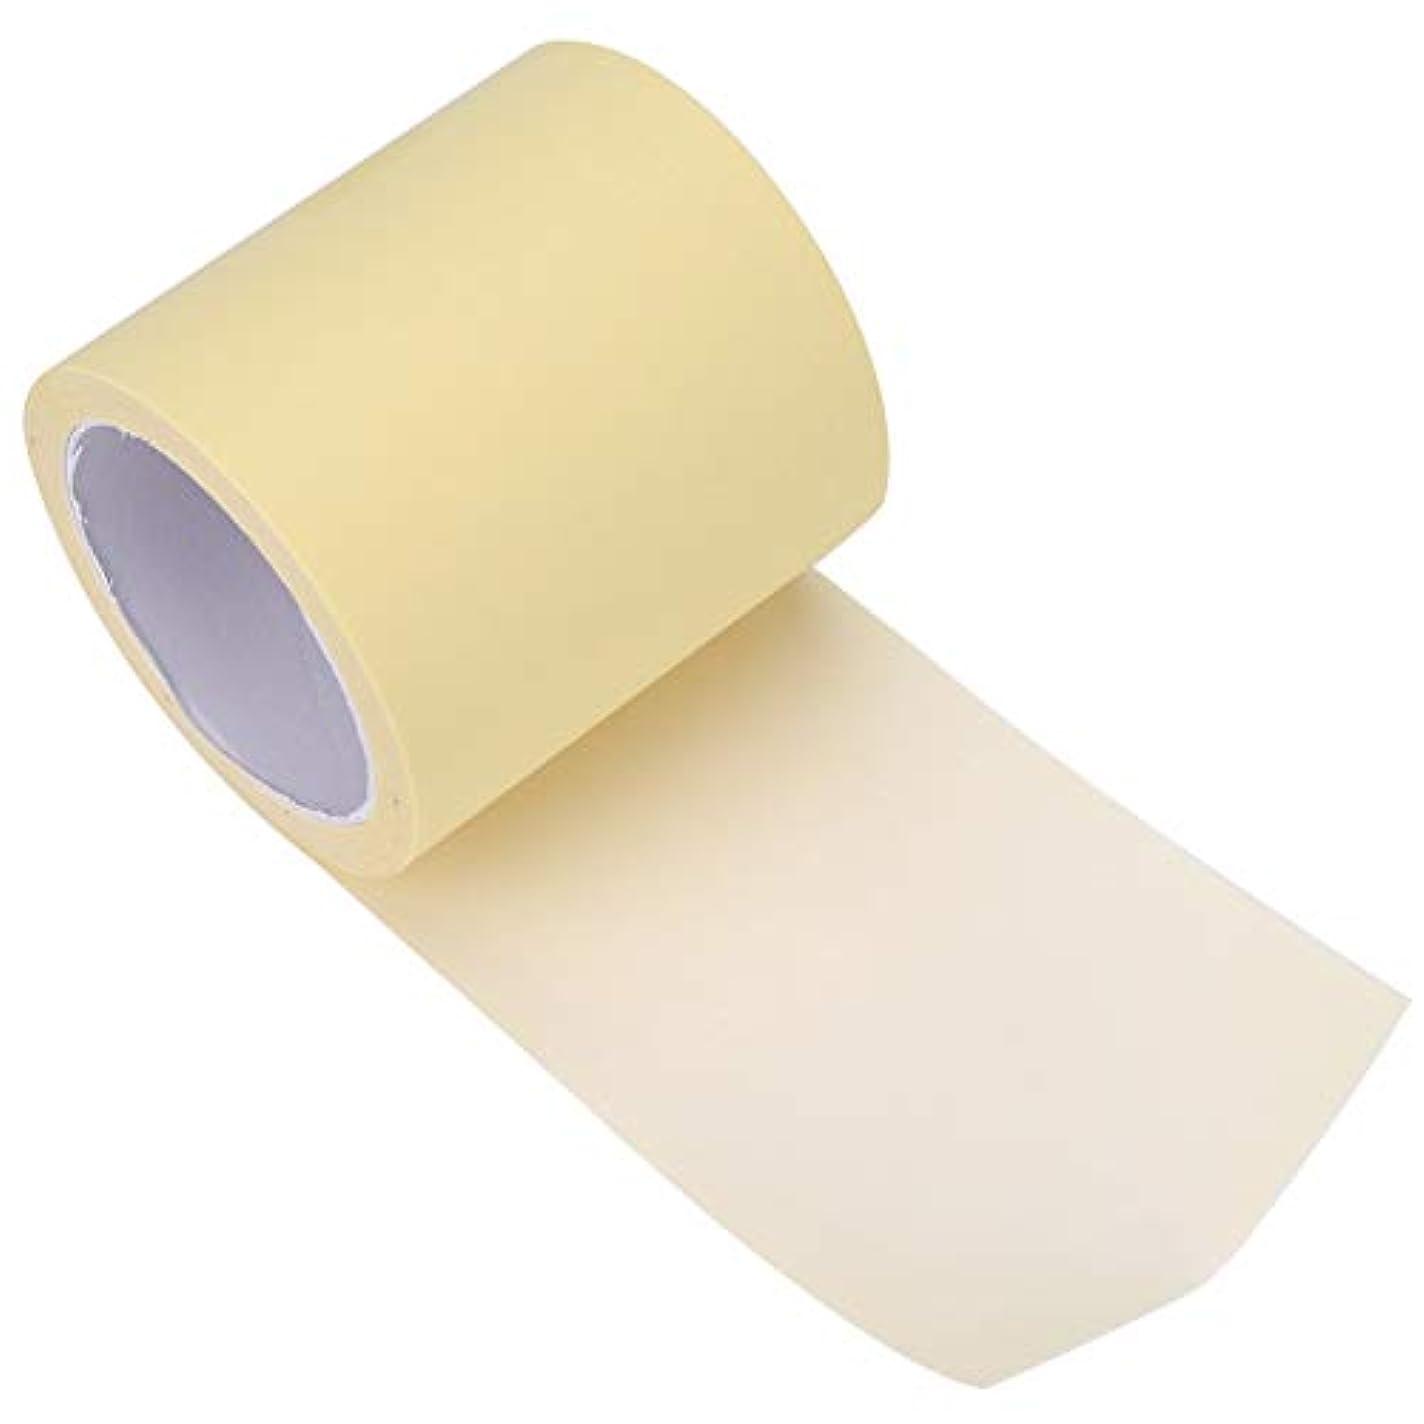 隠煙写真を描く極薄0.012 mm 脇パッド 脇の下 汗止めパッド 肌に優しい 抗菌加工 防水性 男女兼用 透明 長さ600 cm